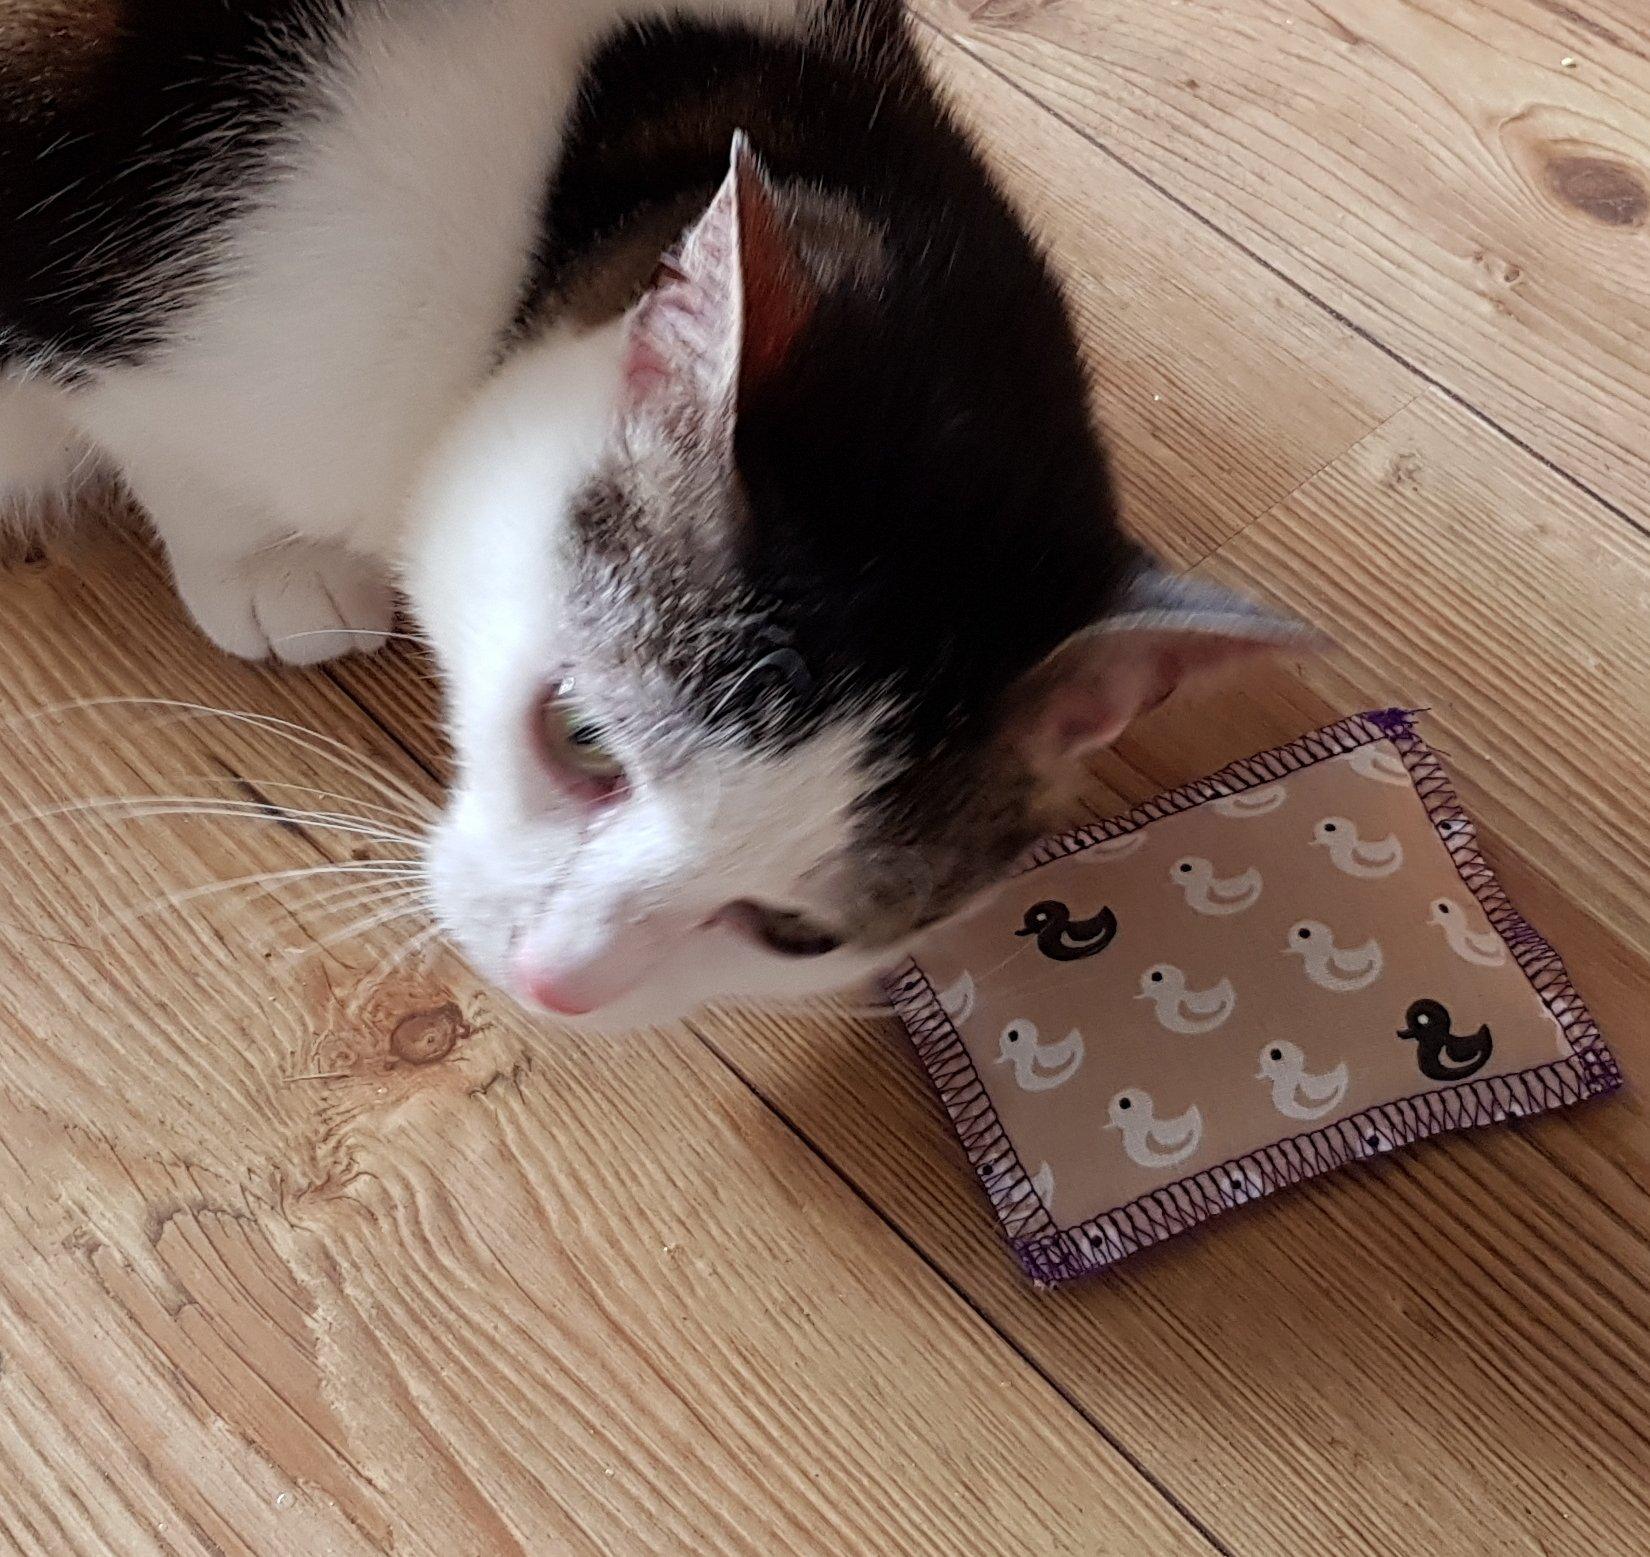 Bild / Foto: Baldriankissen für Katzen